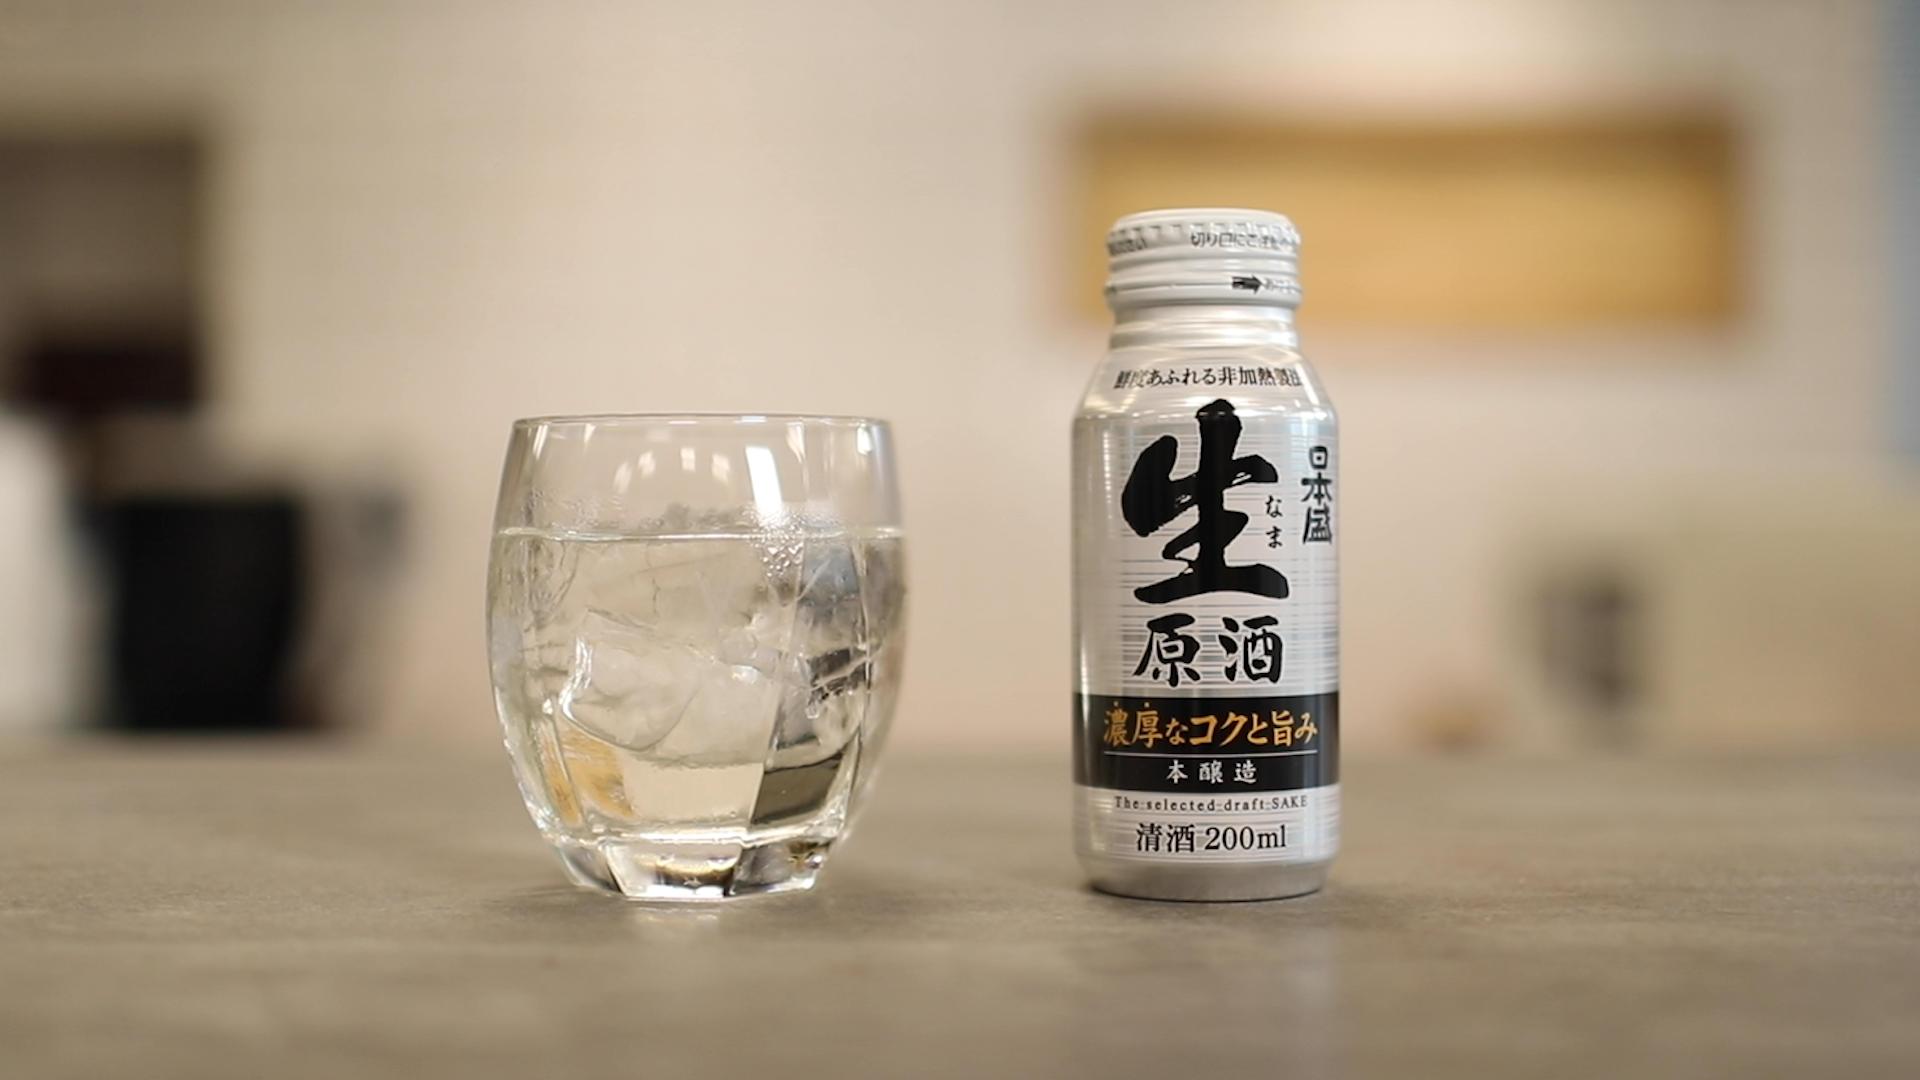 今、日本酒好きがもっとも飲みたい日本酒カクテル 1位「かちわり生原酒(日本酒ロック)」